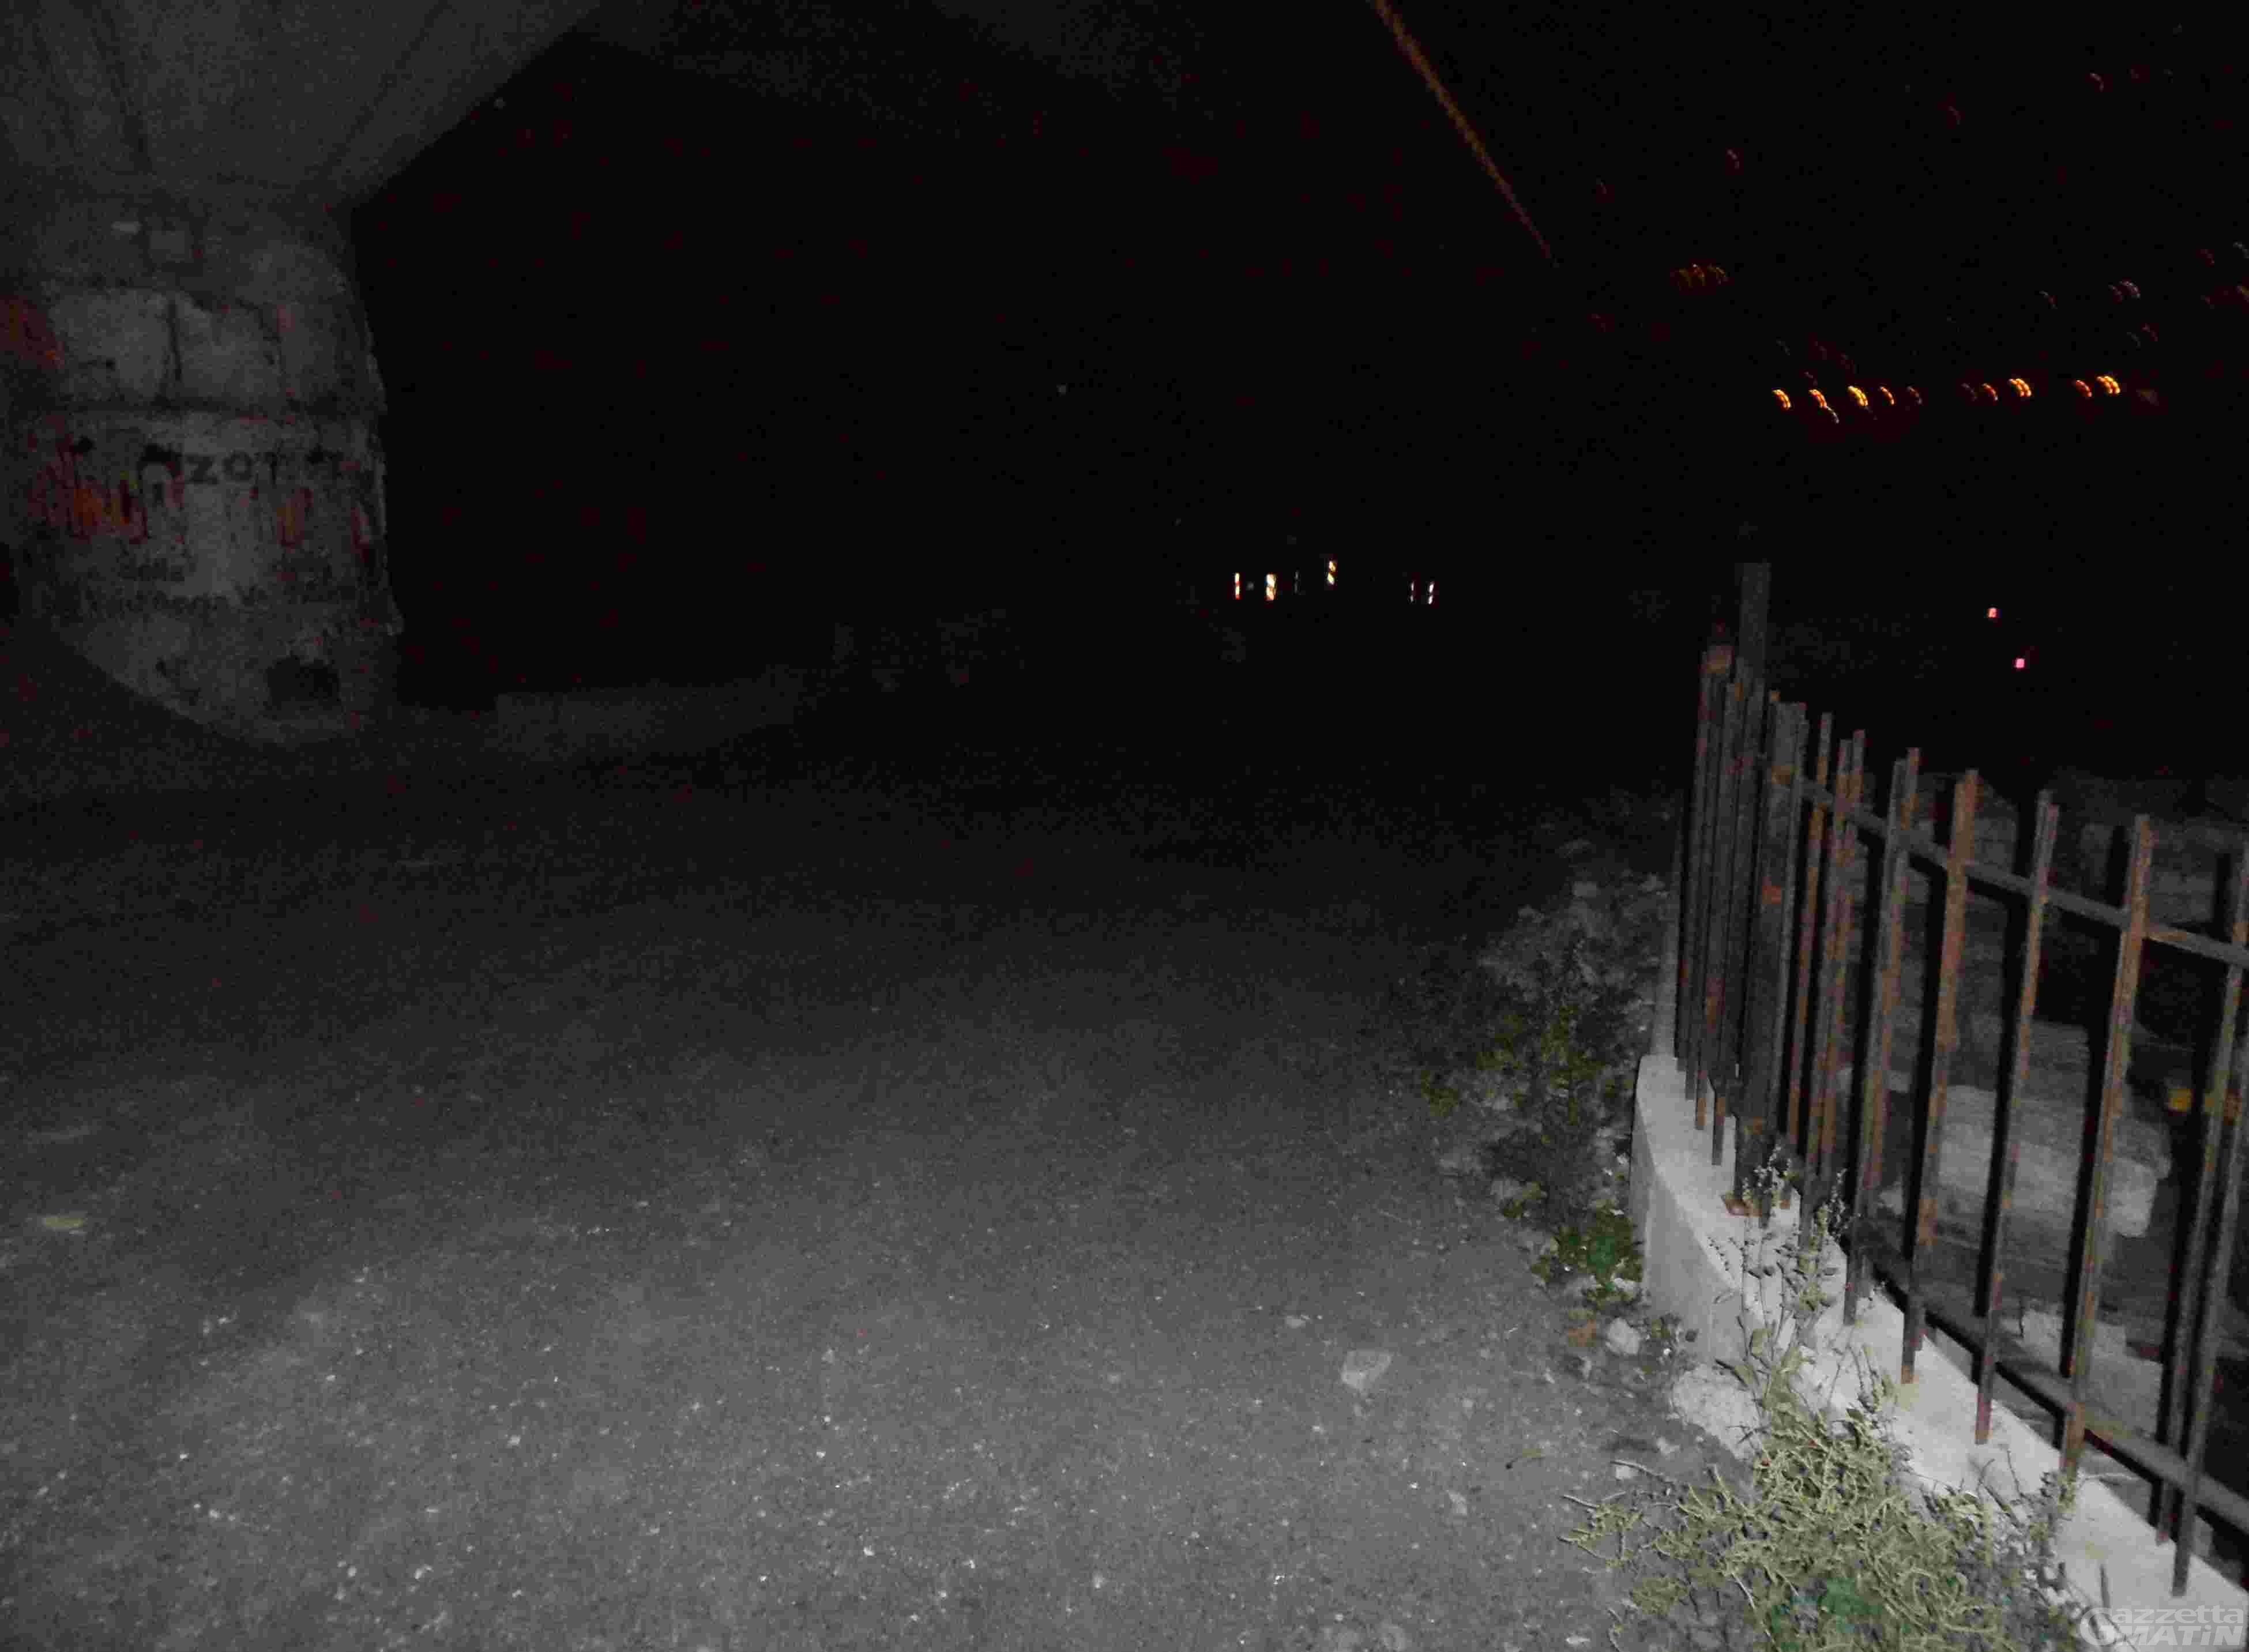 Aosta, due extracomunitari accoltellati: 30 giorni di prognosi